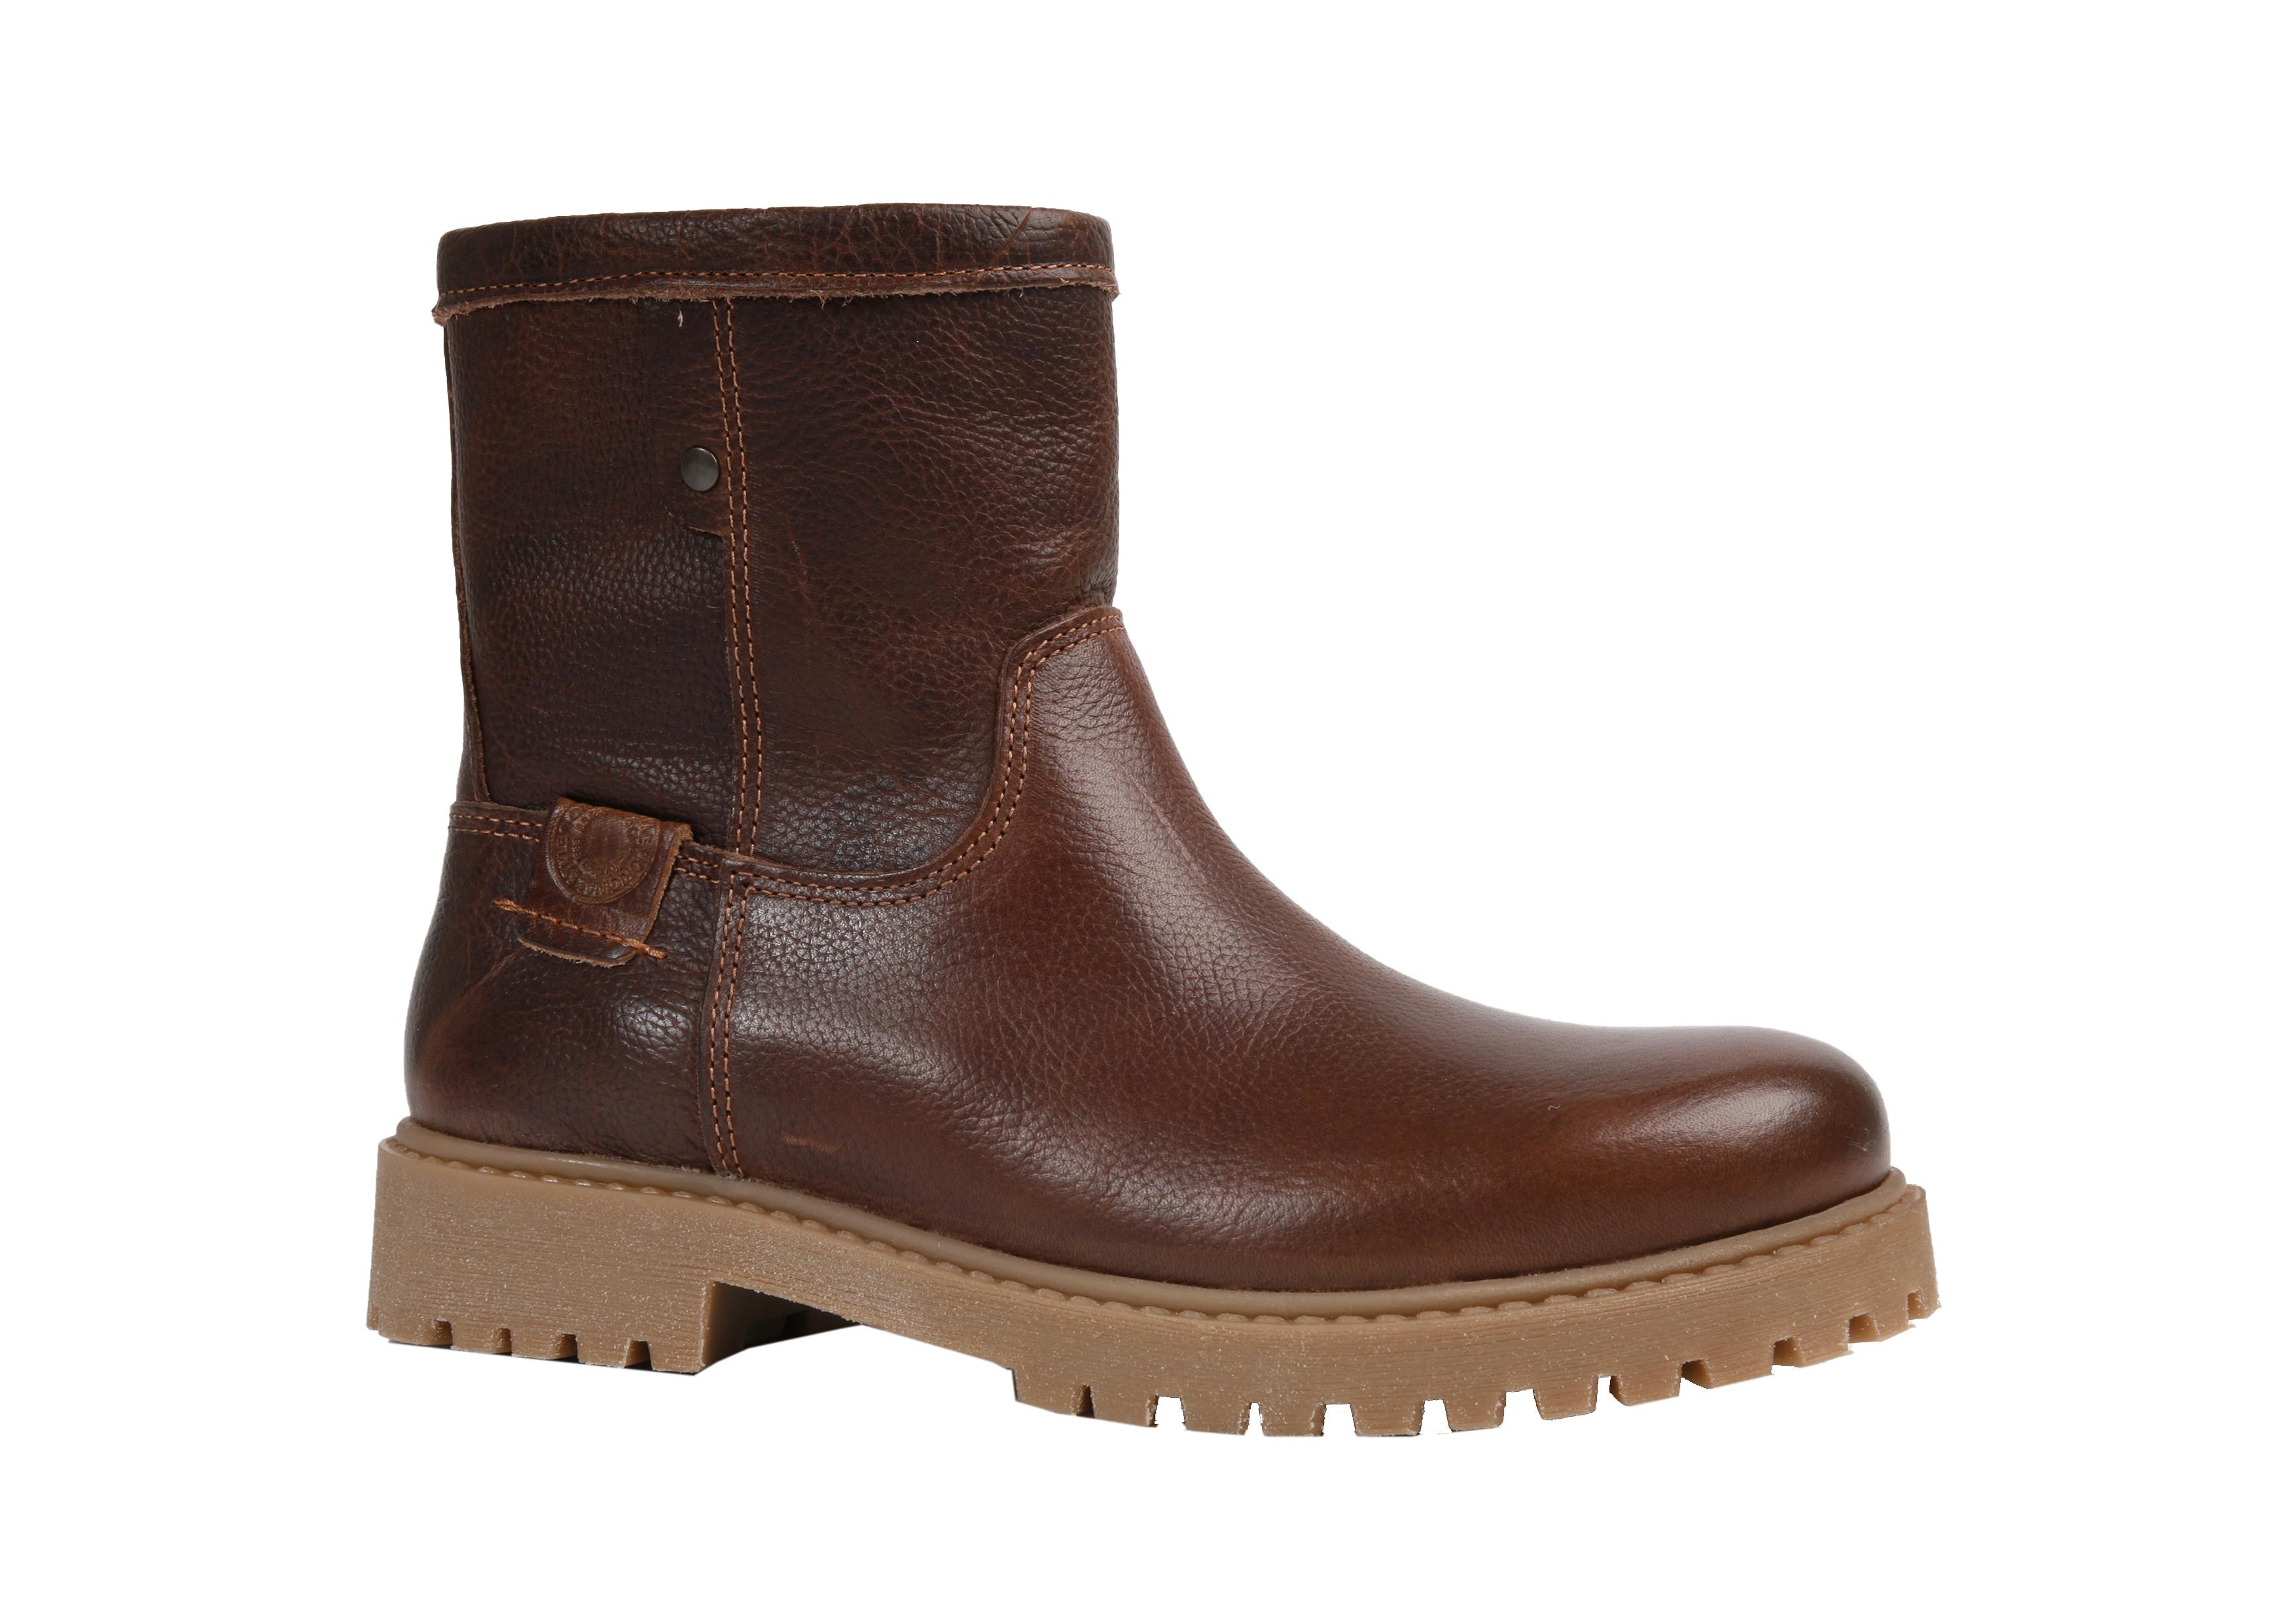 Bullboxer Boot all519e6l